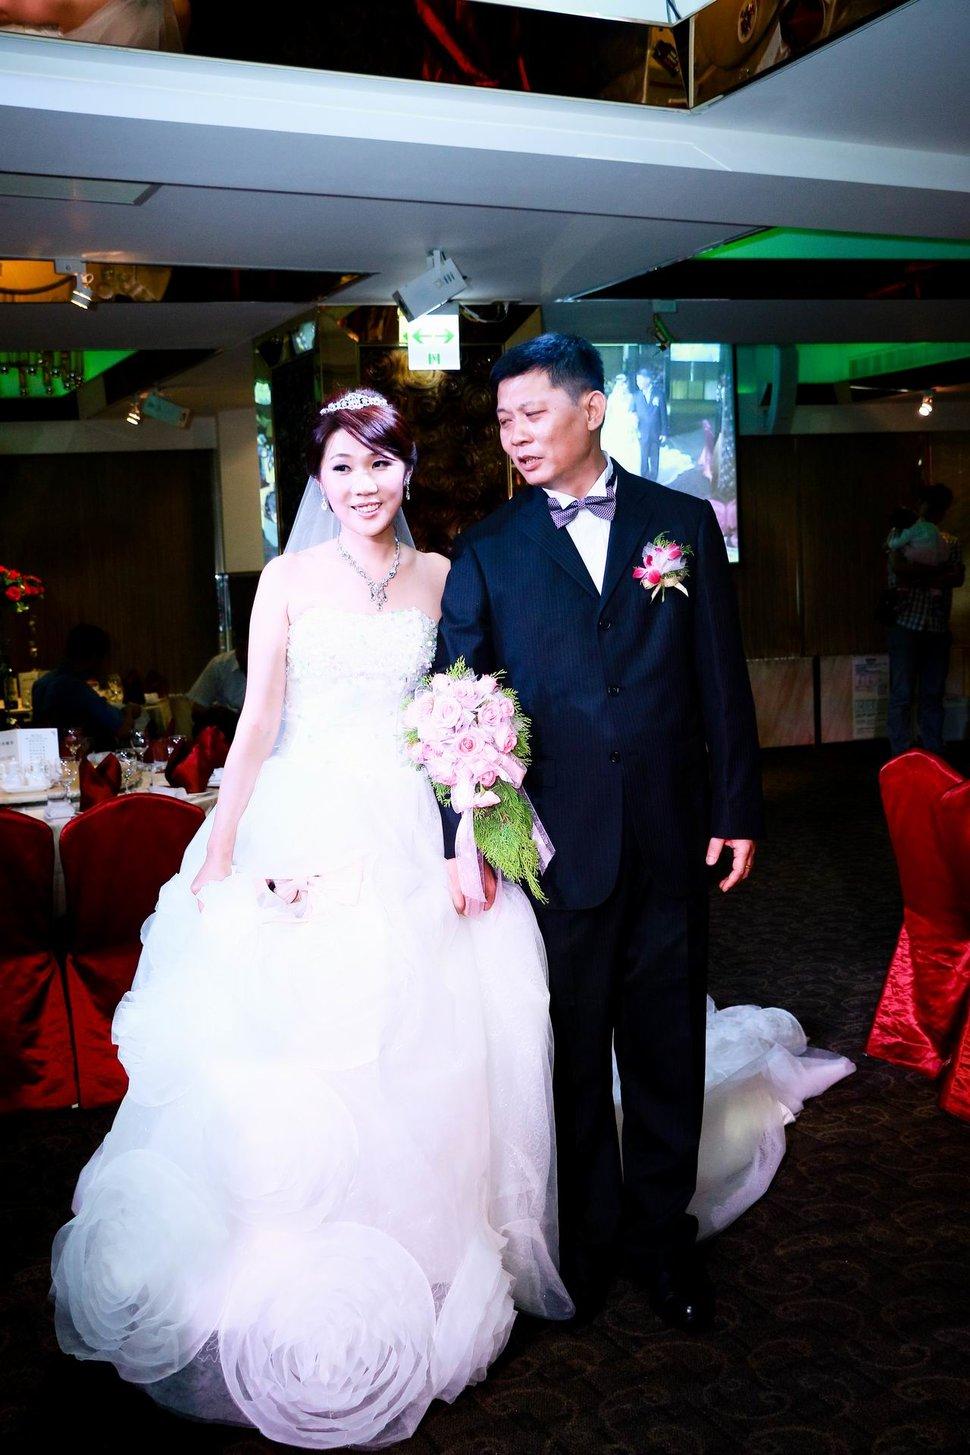 板橋吉立定結餐廳迎娶文定婚禮記錄結婚迎娶婚禮攝影動態微電影錄影專業錄影平面攝影影婚禮主持人(編號:197035) - 蜜月拍照10800錄影12800攝影團隊 - 結婚吧